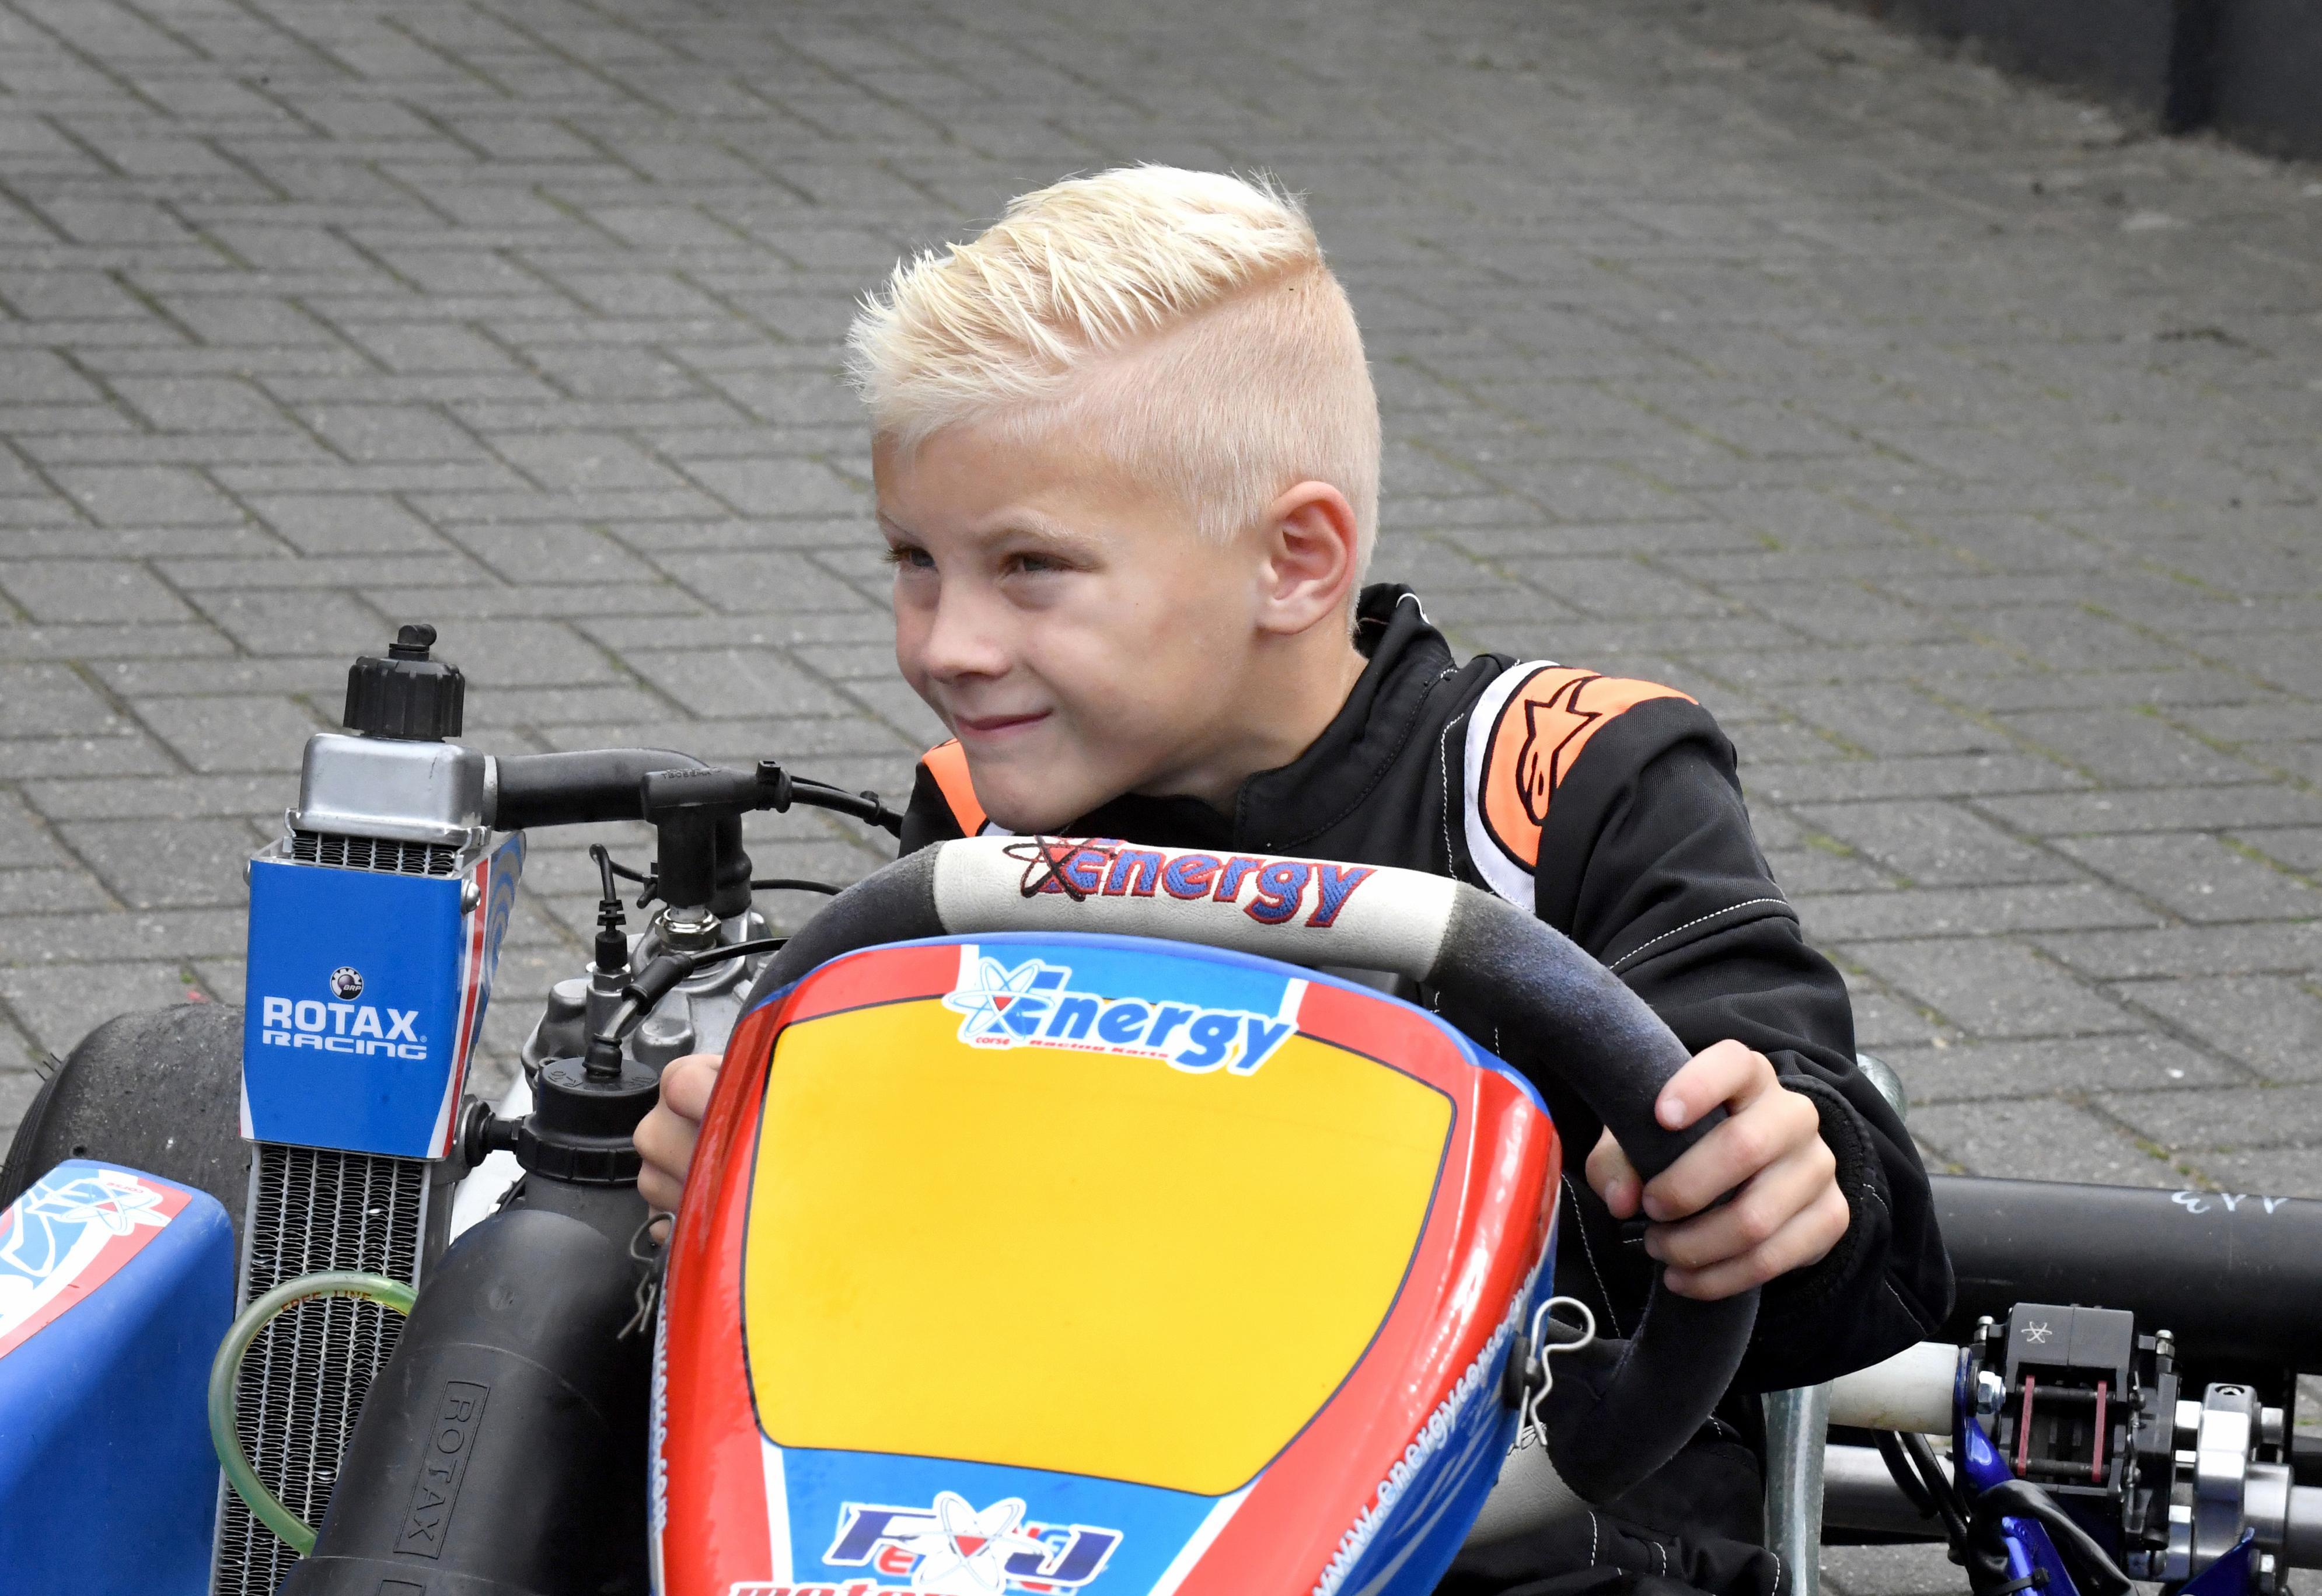 Nu Brent (6) niet meer kan racen met zijn stockcar stapt hij in een wedstrijdkart, dus twee keer per week trainen in Lelystad